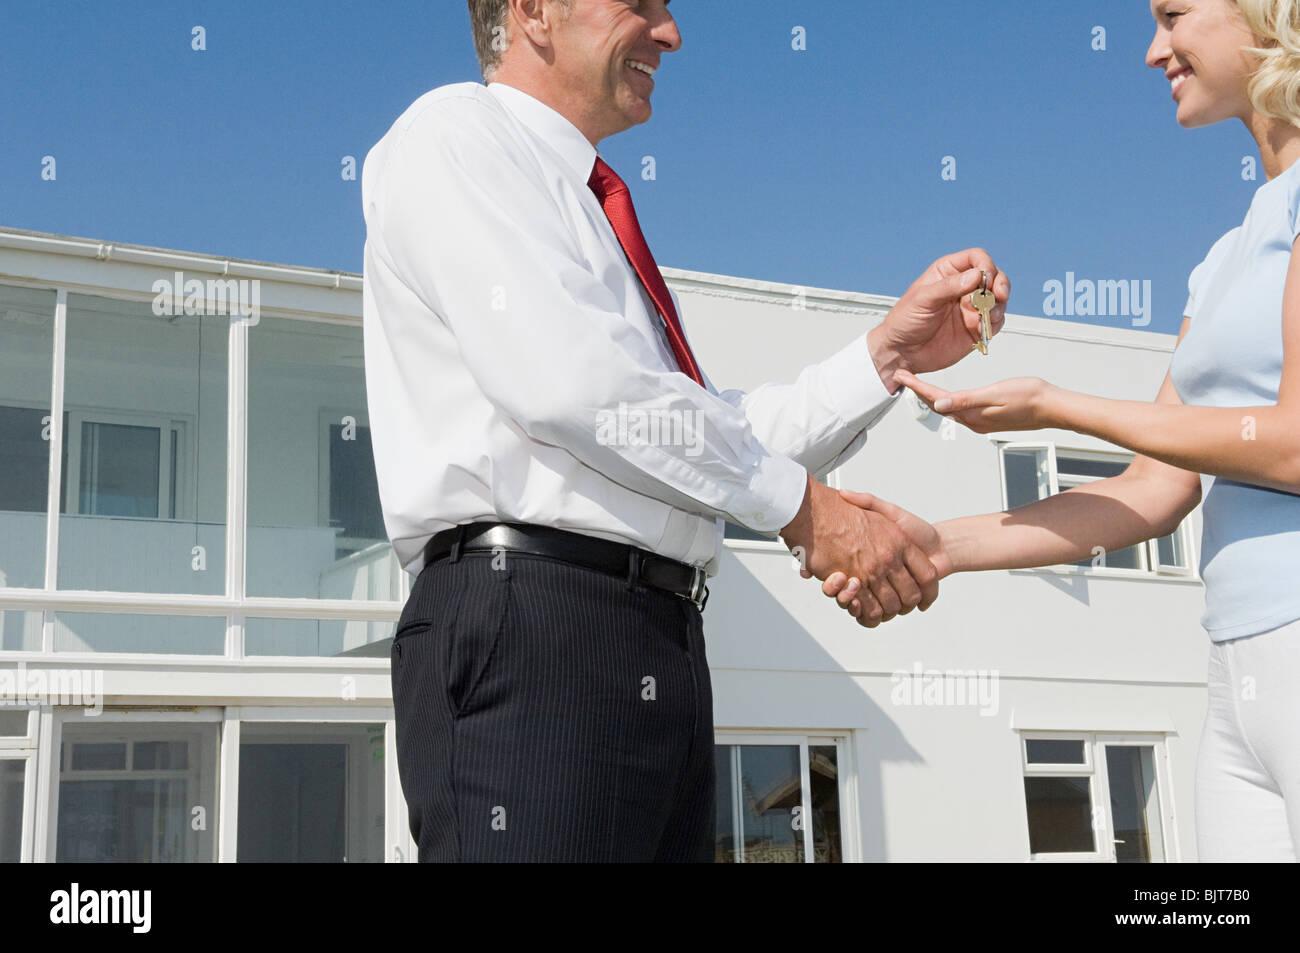 Femme et d'une poignée de main Photo Stock